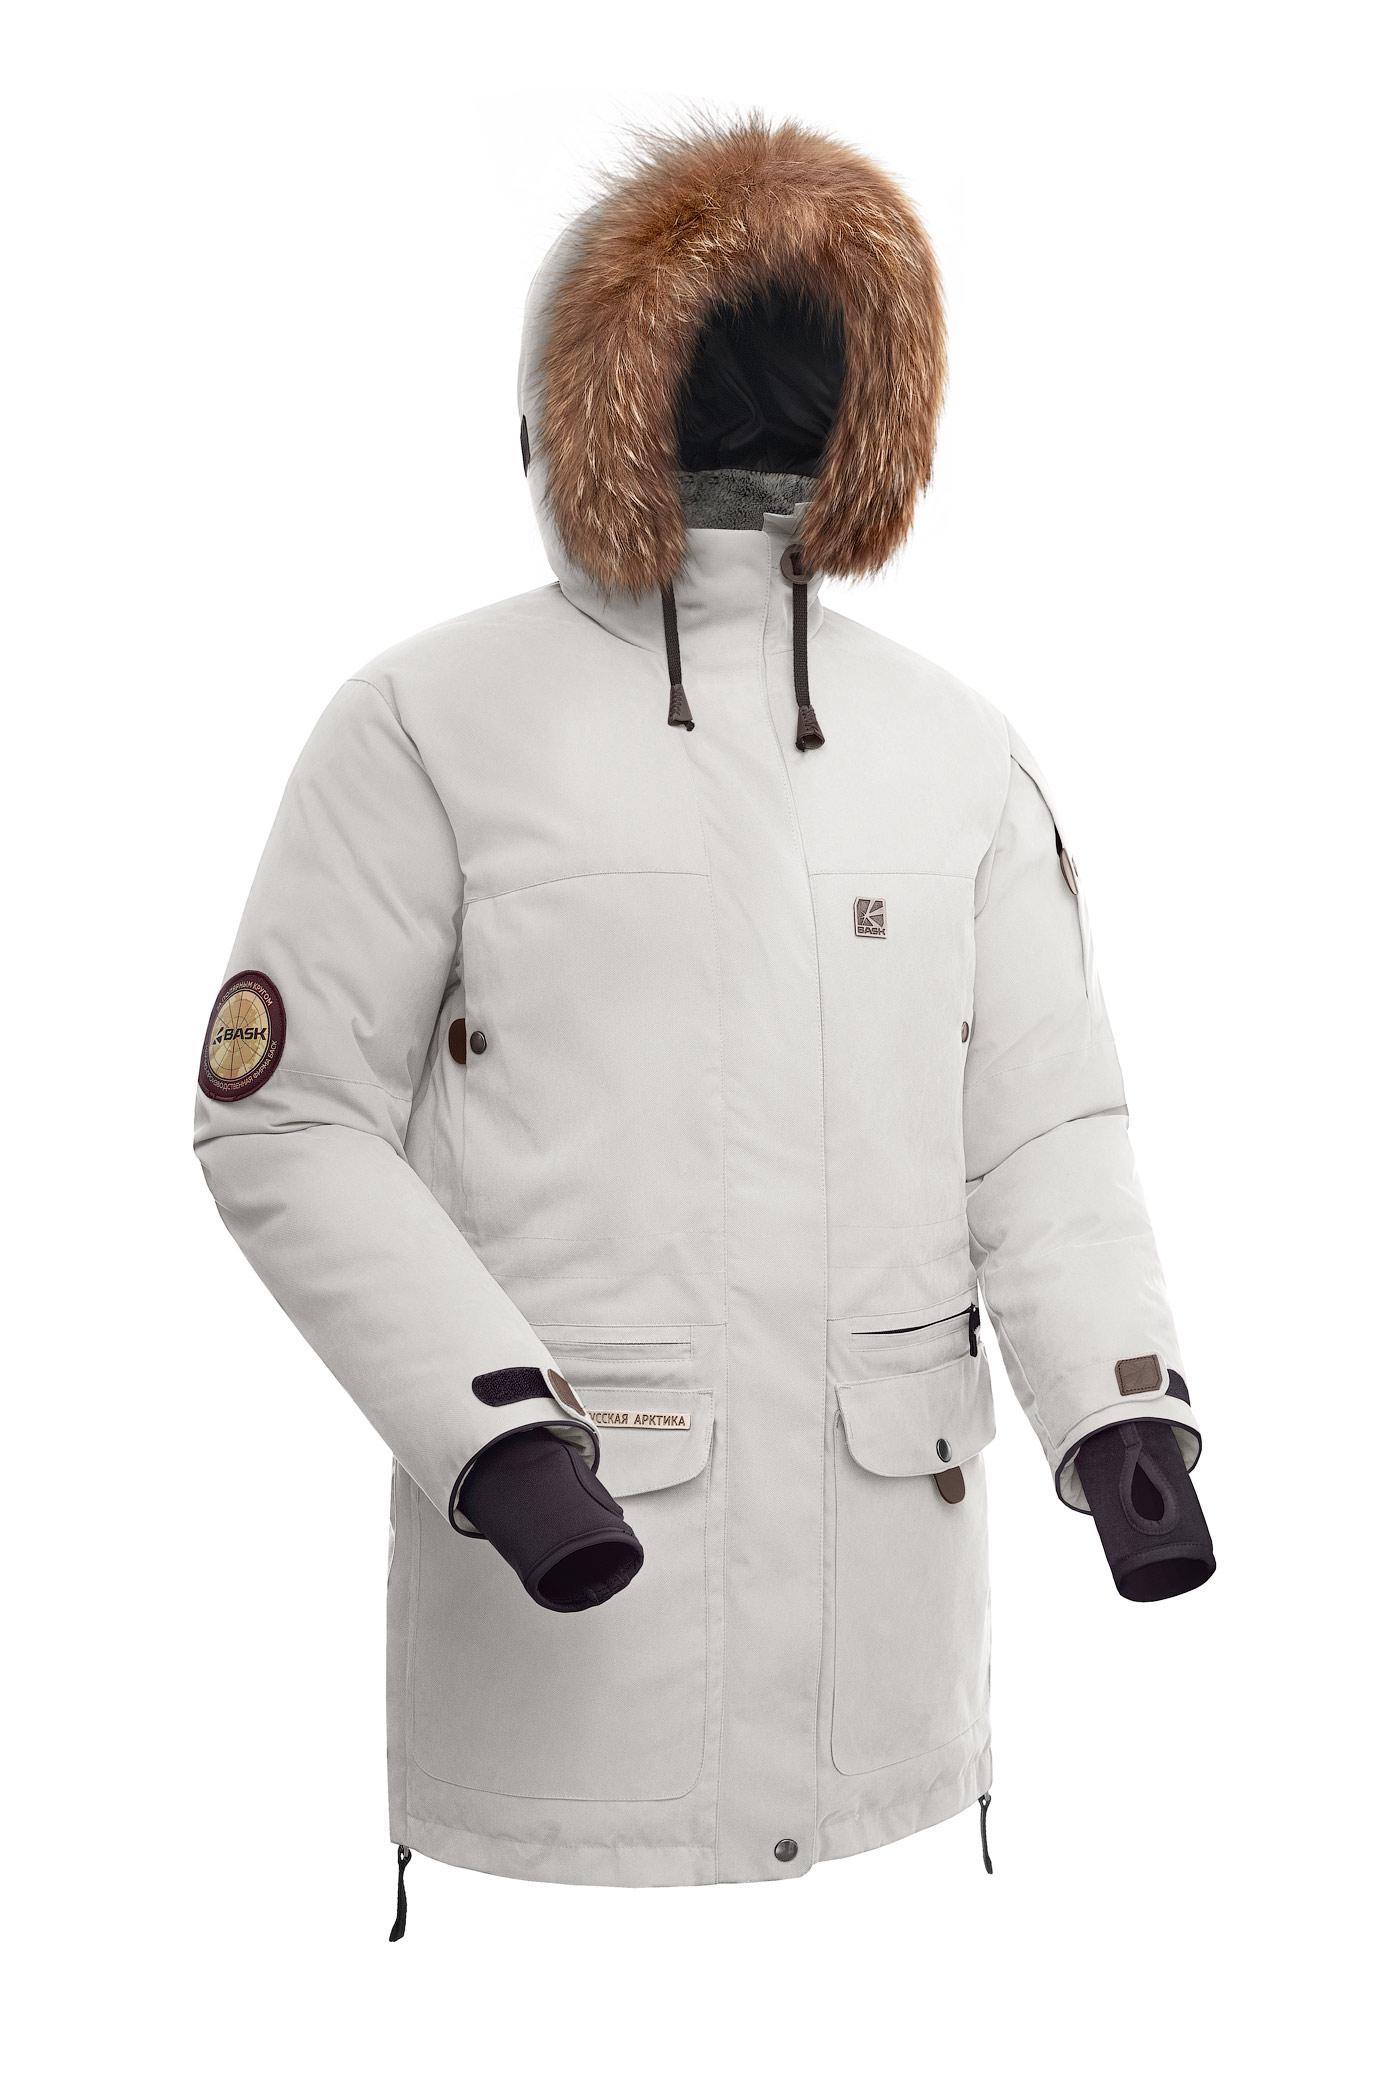 Купить Куртка пуховая женская BASK IREMEL белый, Компания БАСК